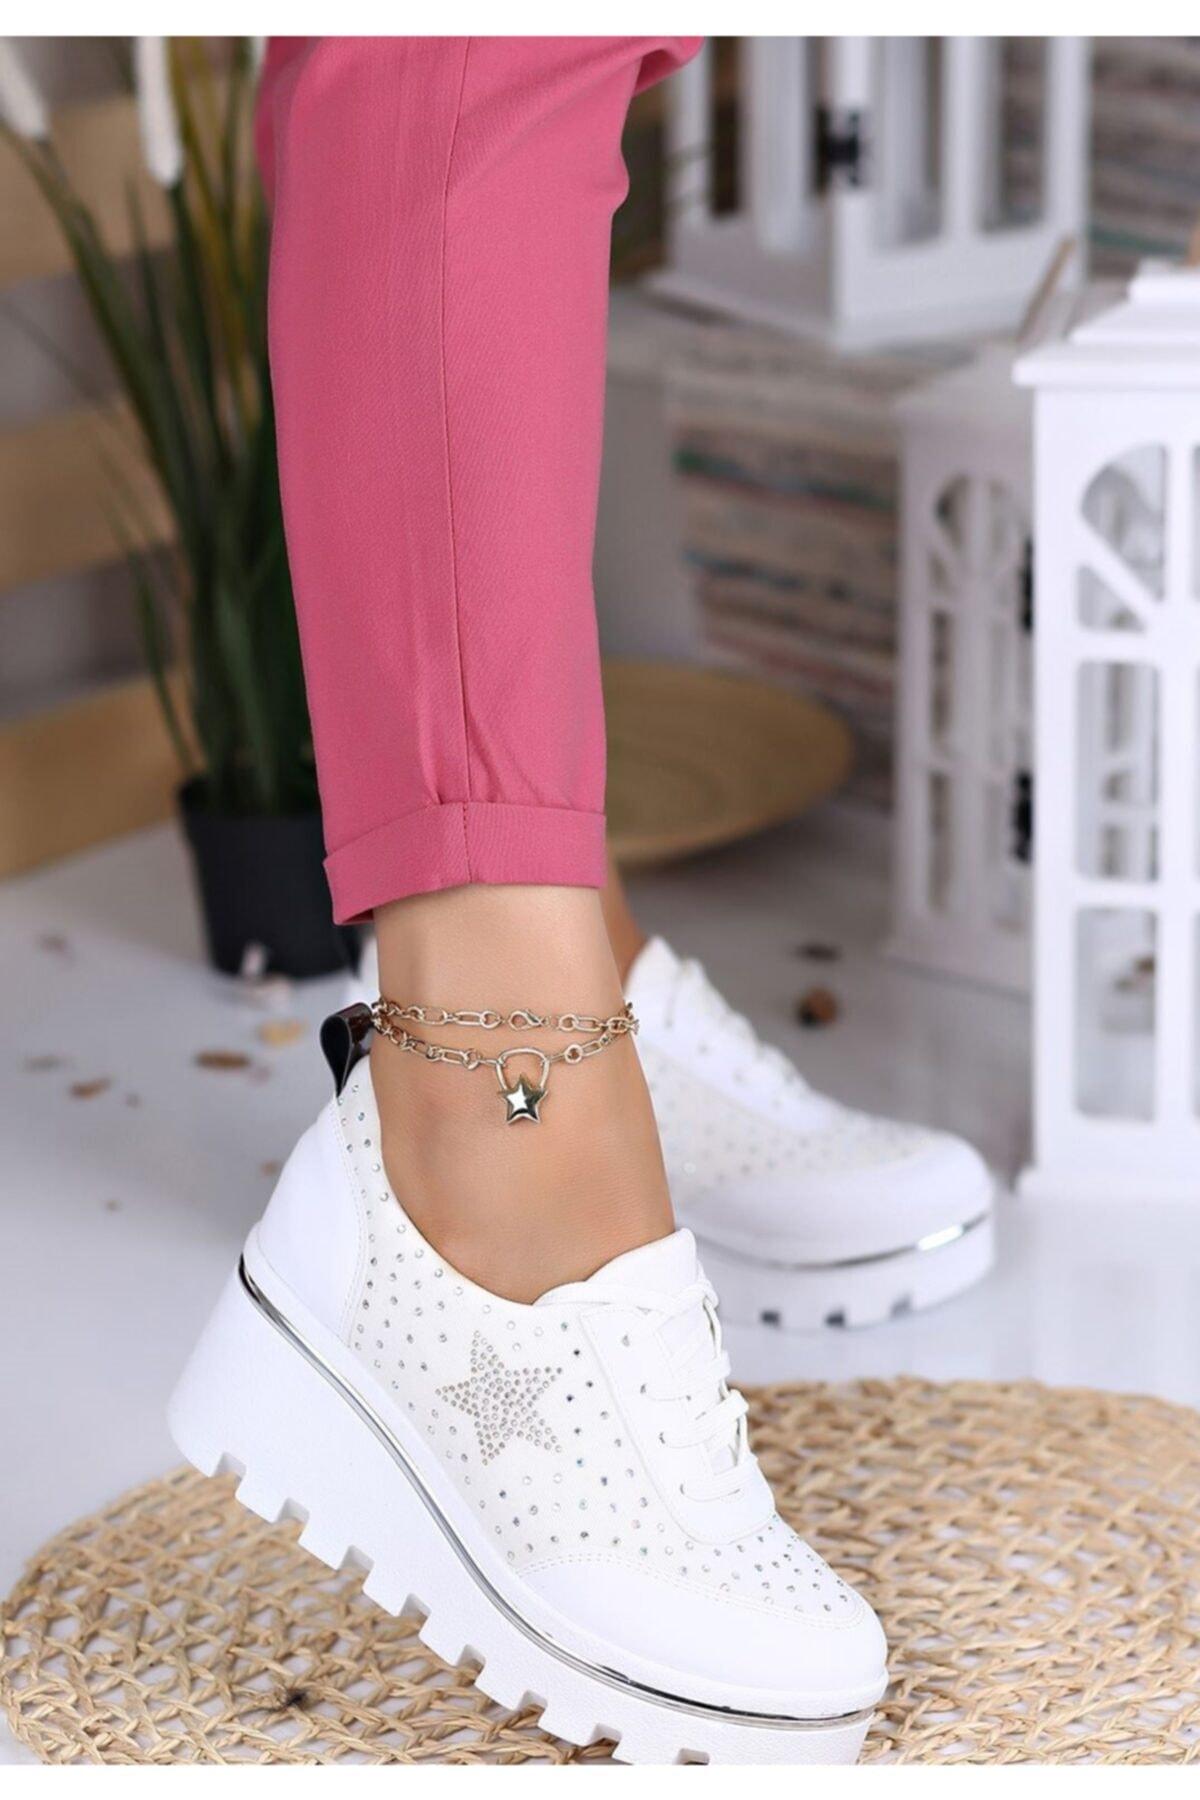 Kadın Beyaz Dolgu Topuk Spor Tarz Ayakkabı